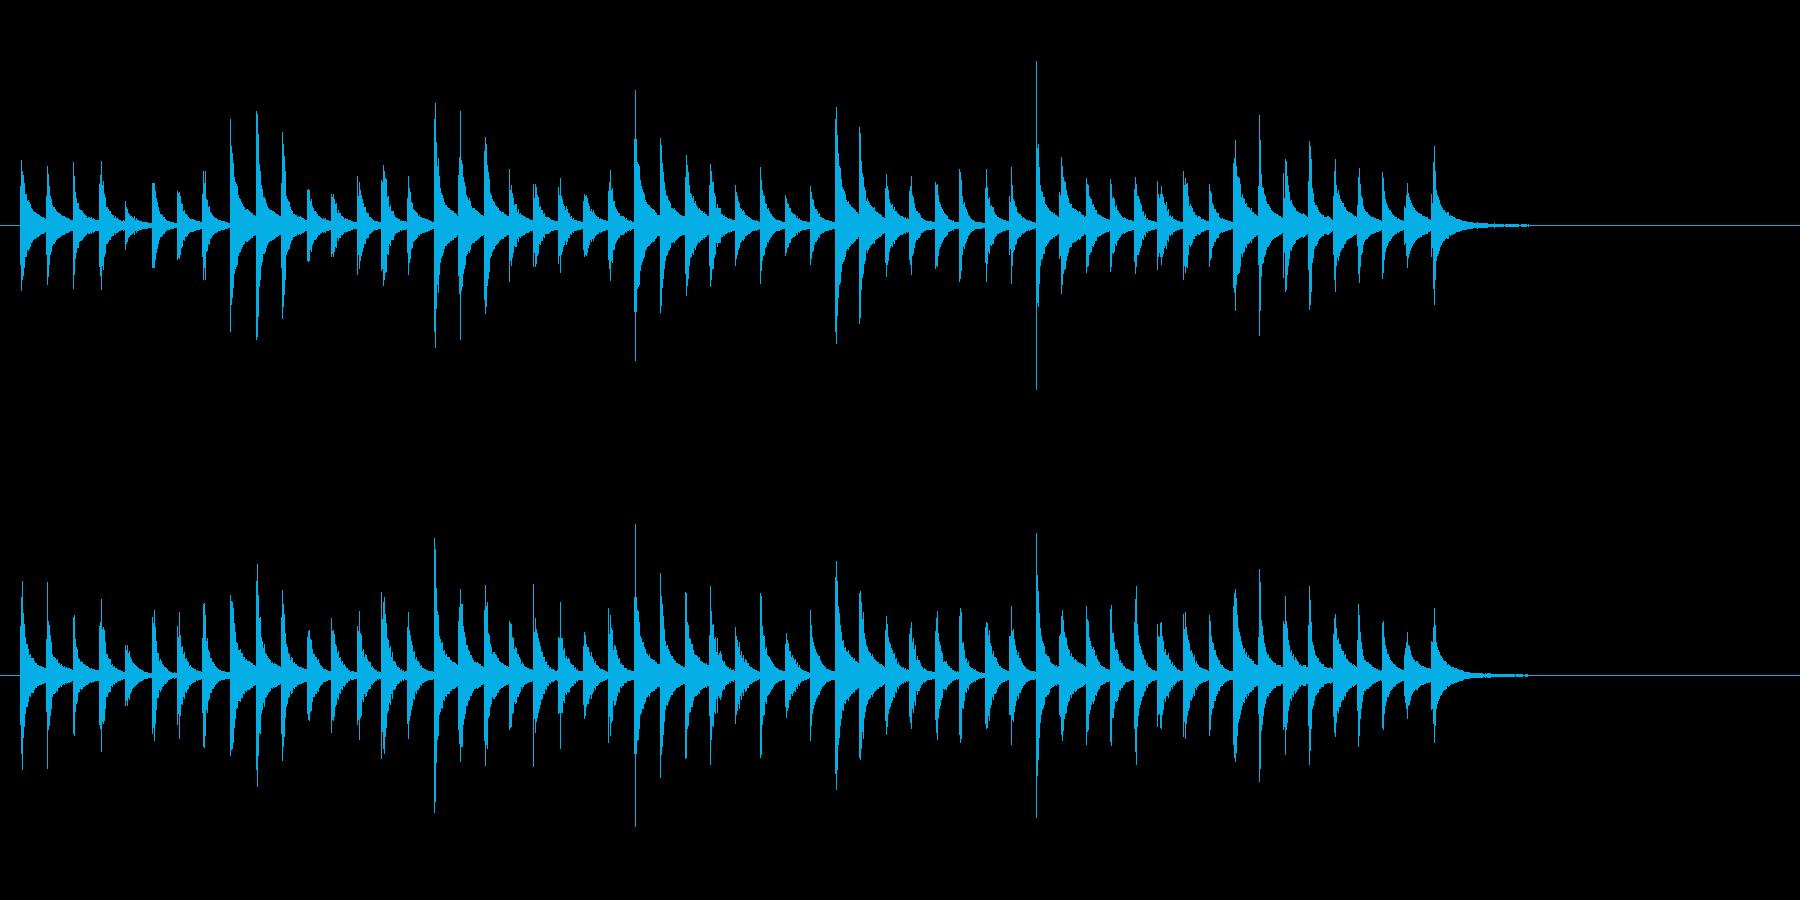 松虫9キラキラ鉄琴アジアン和風歌舞伎鳴物の再生済みの波形